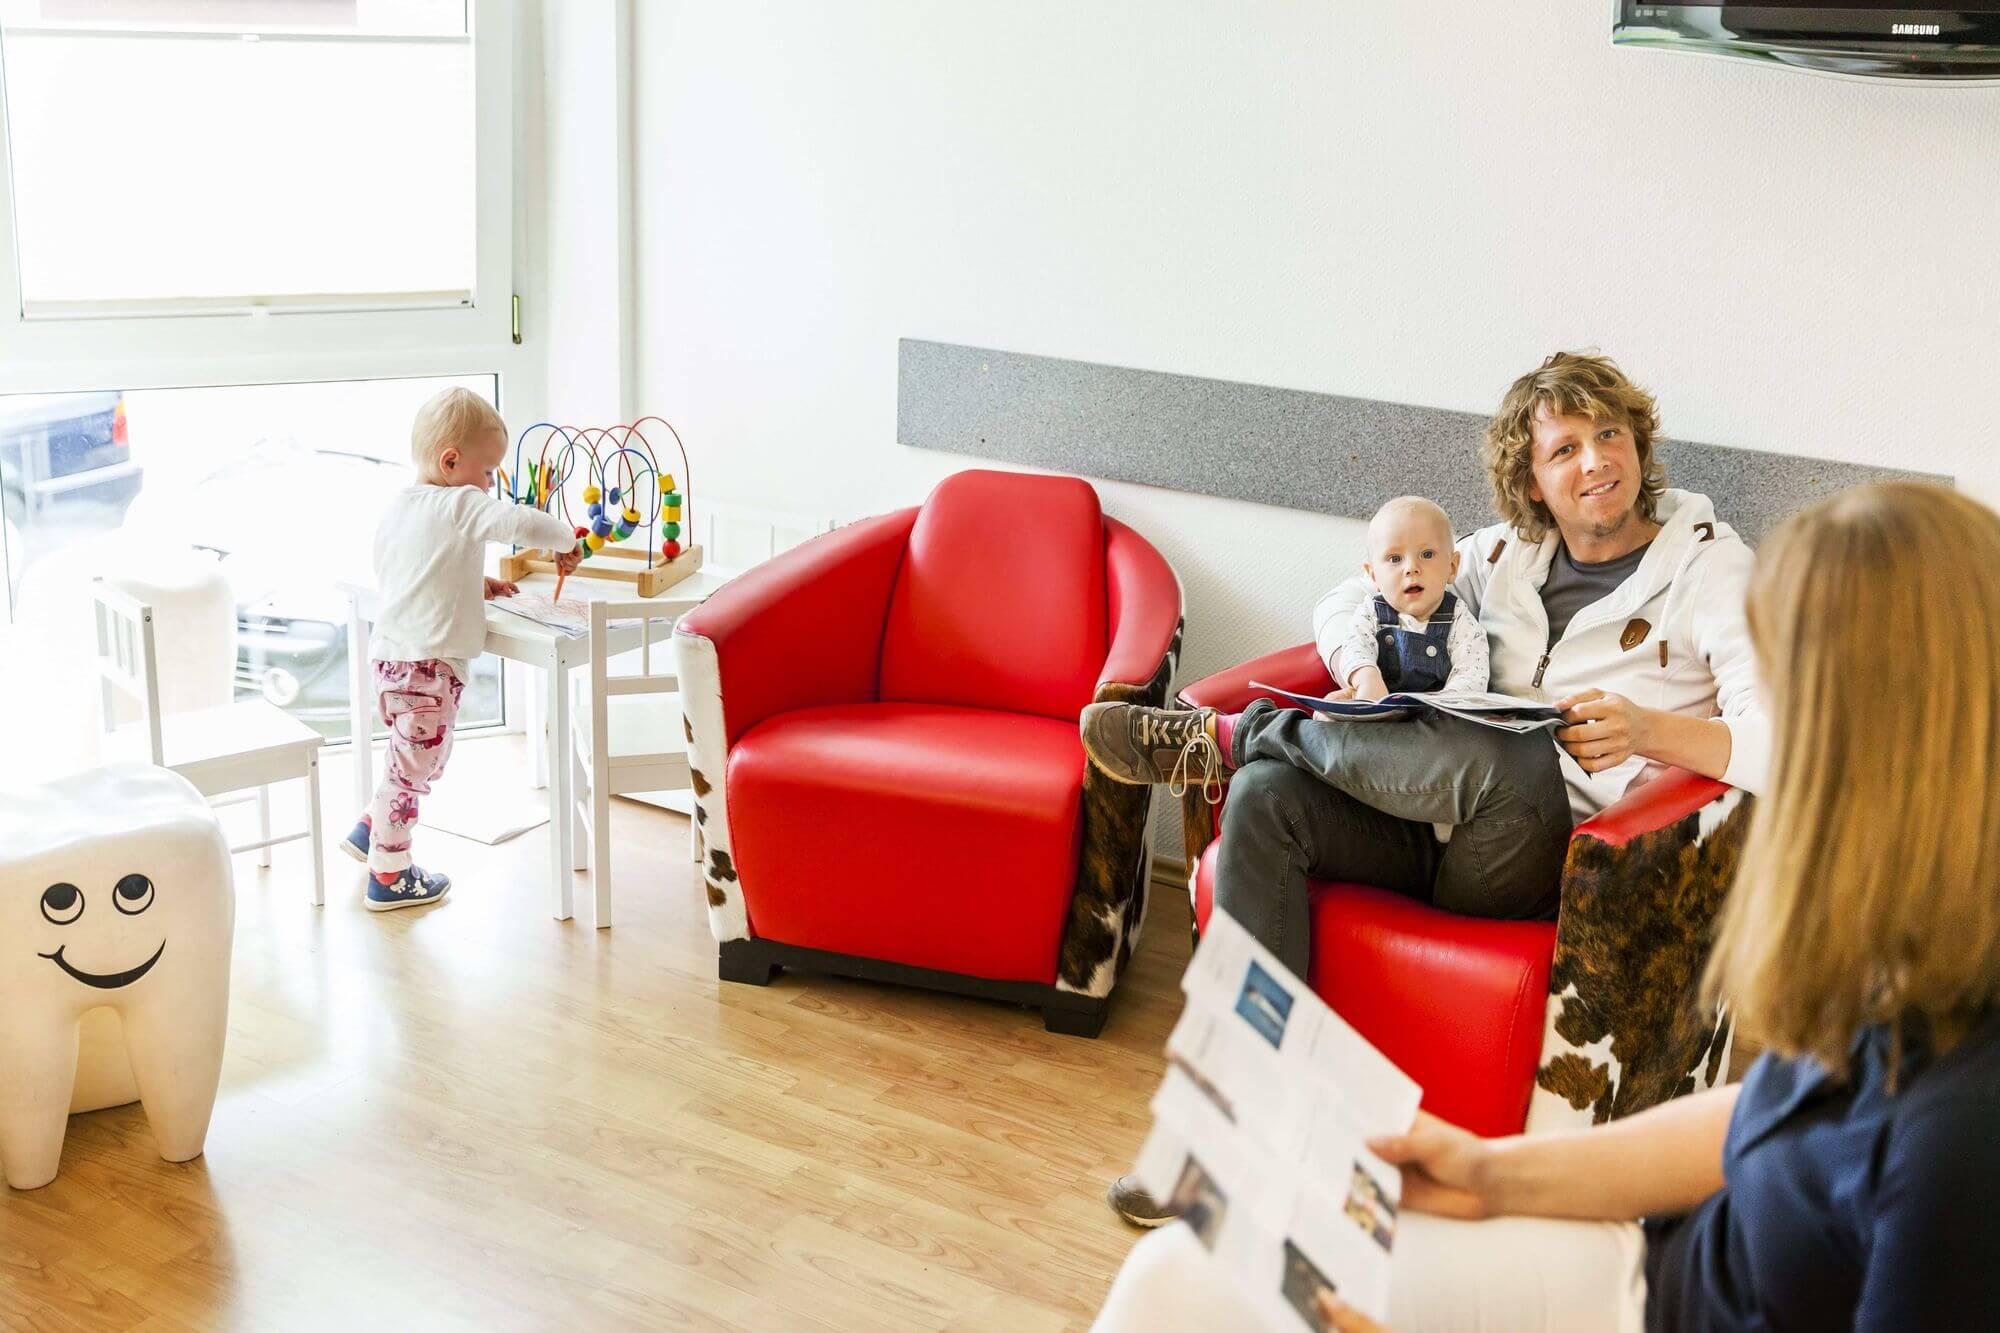 Wartezimmer mit Kindern und sich unterhaltenden Erwachsenen